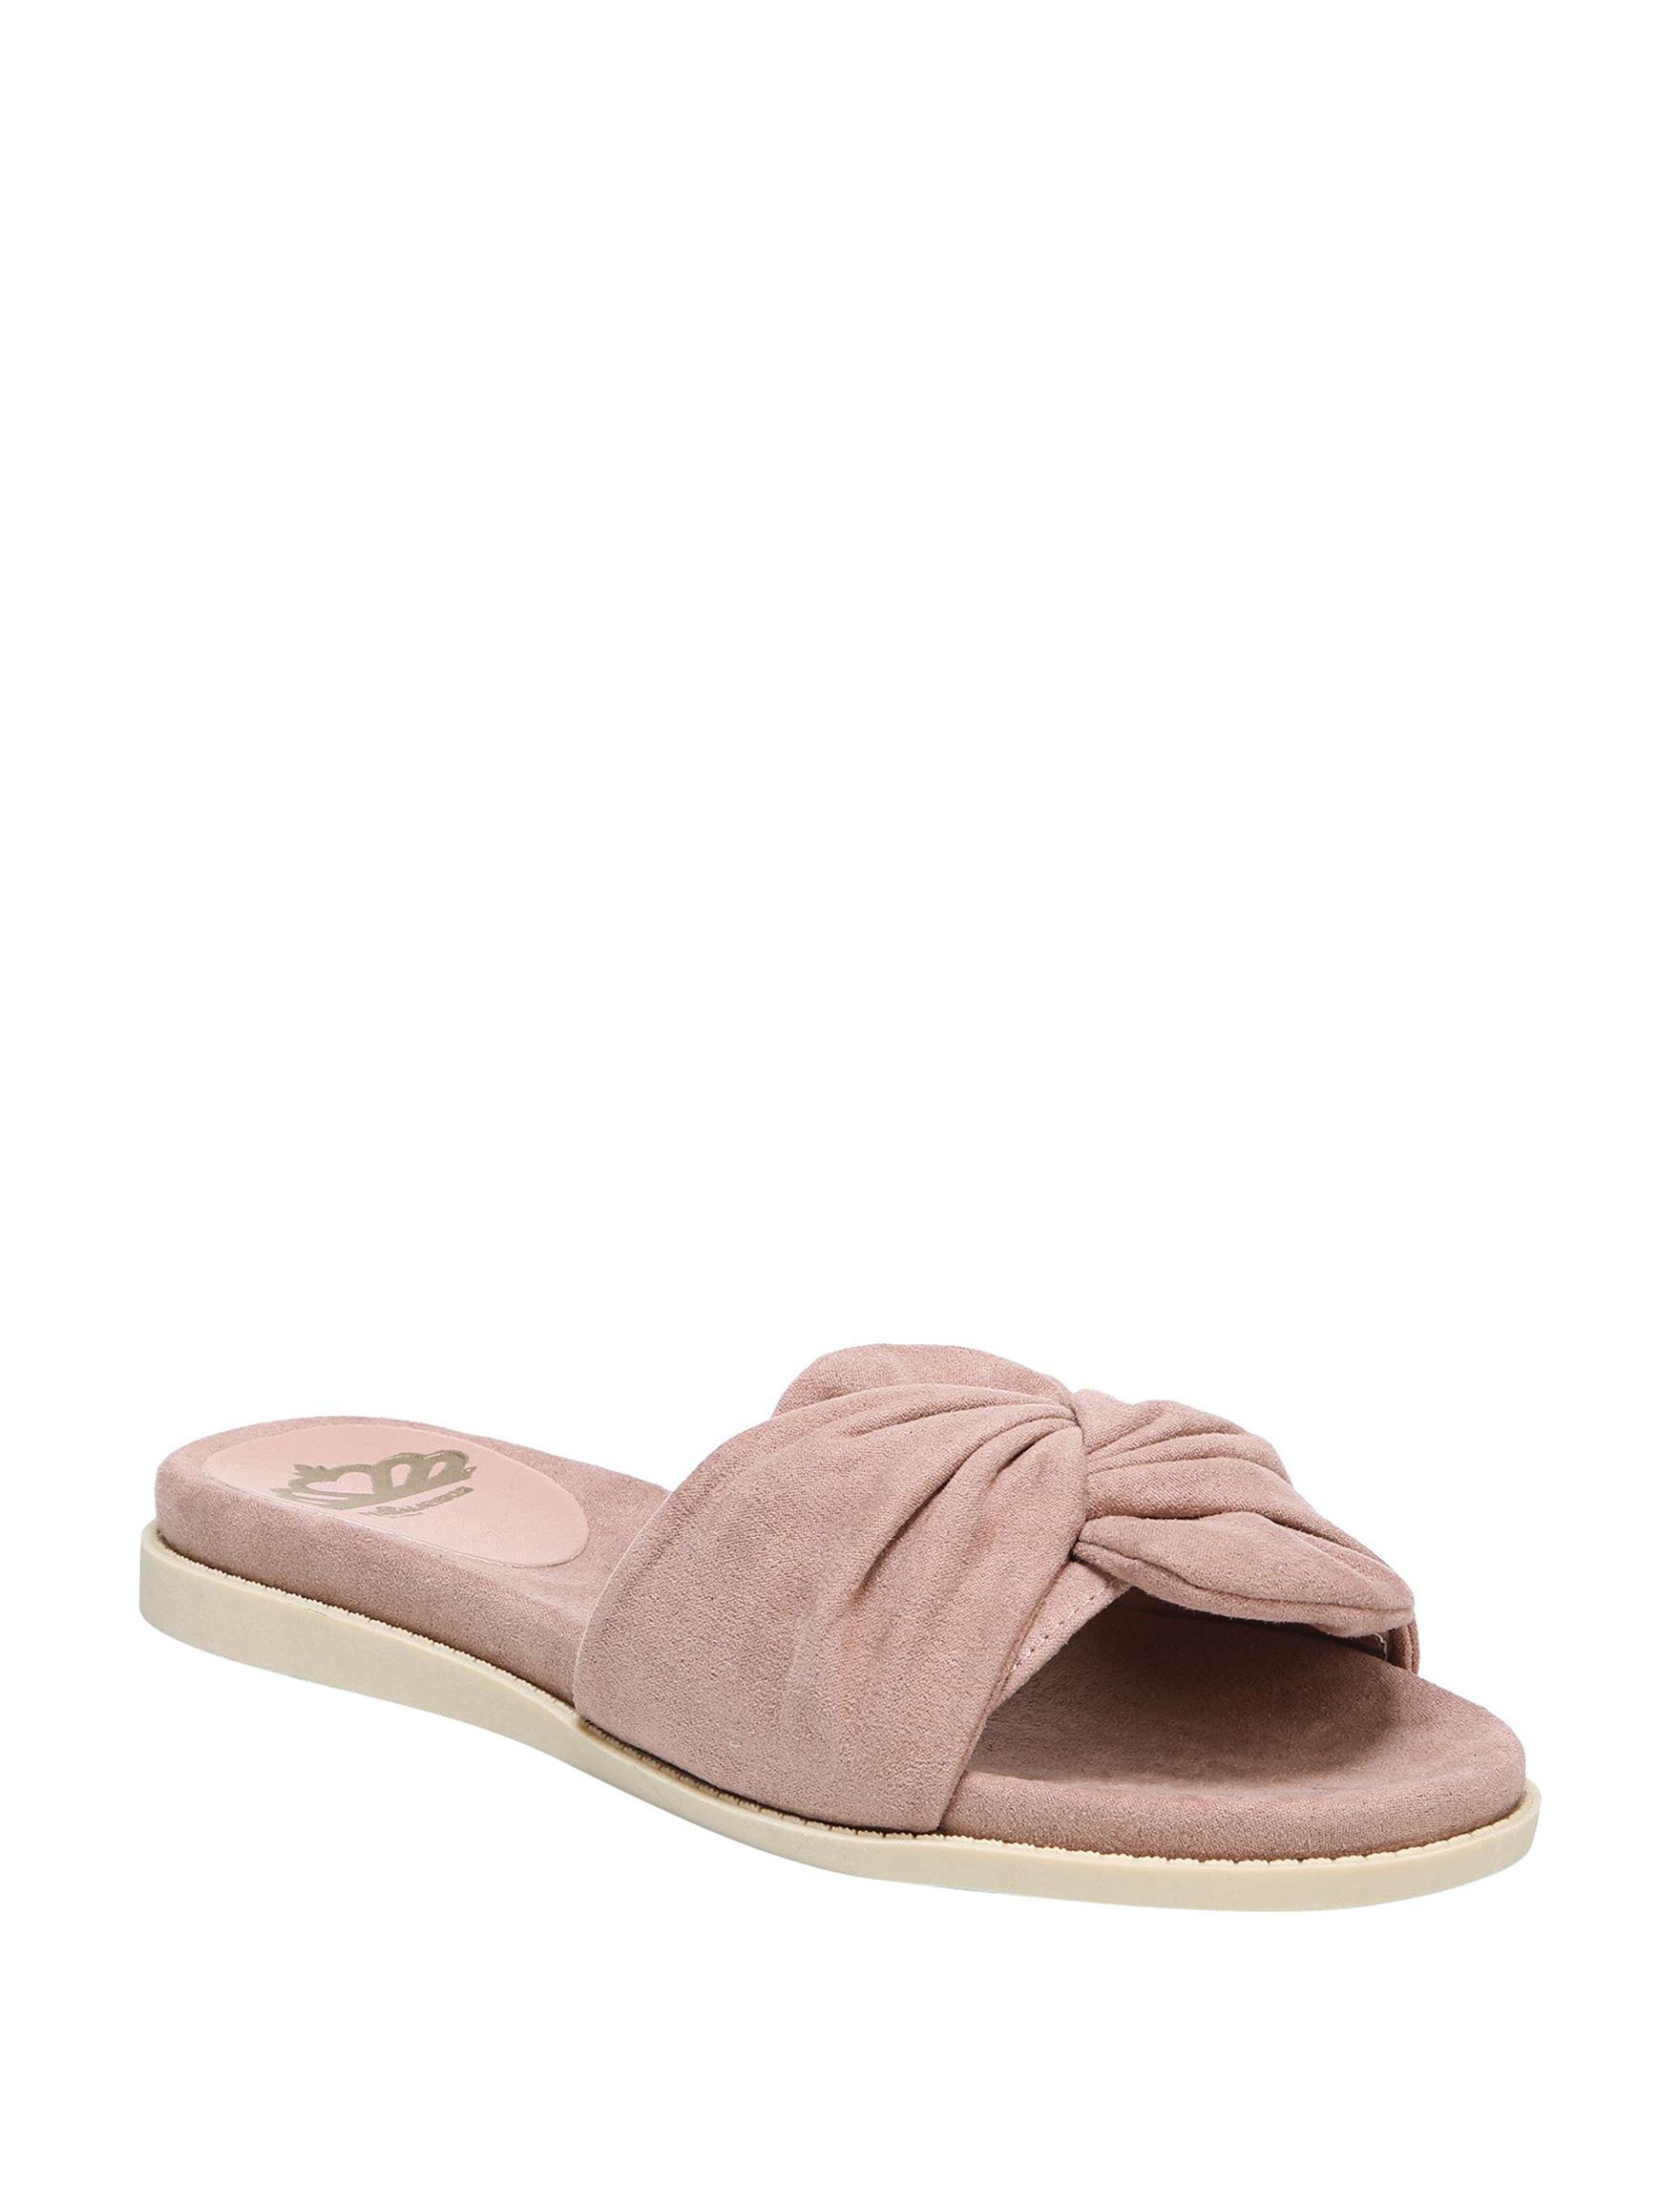 Fergalicious by Fergie True Mauve Slide Sandals